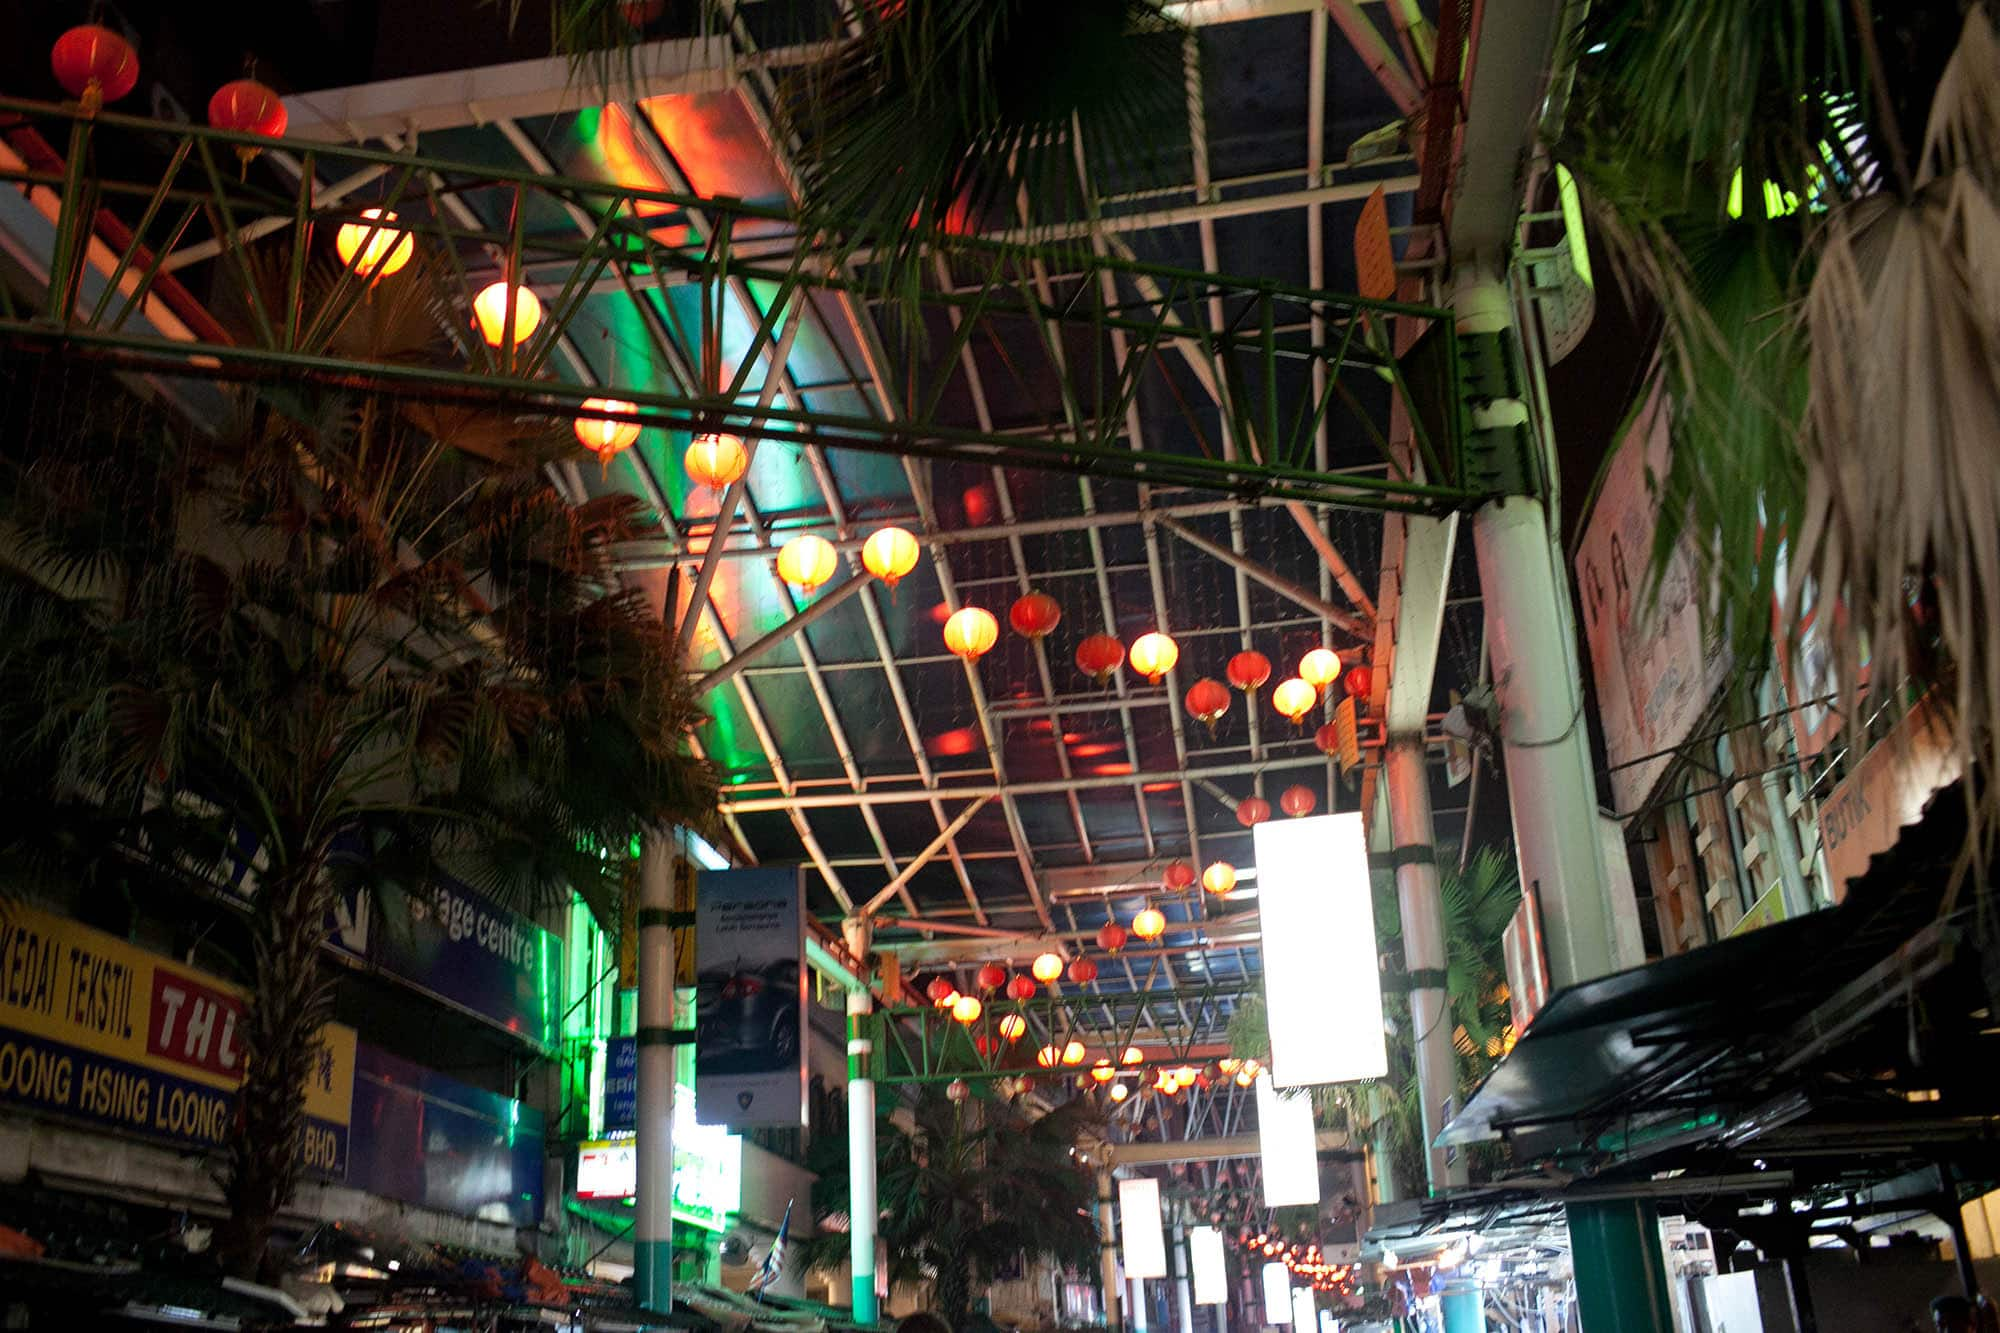 Chinatown in Kuala Lumpur